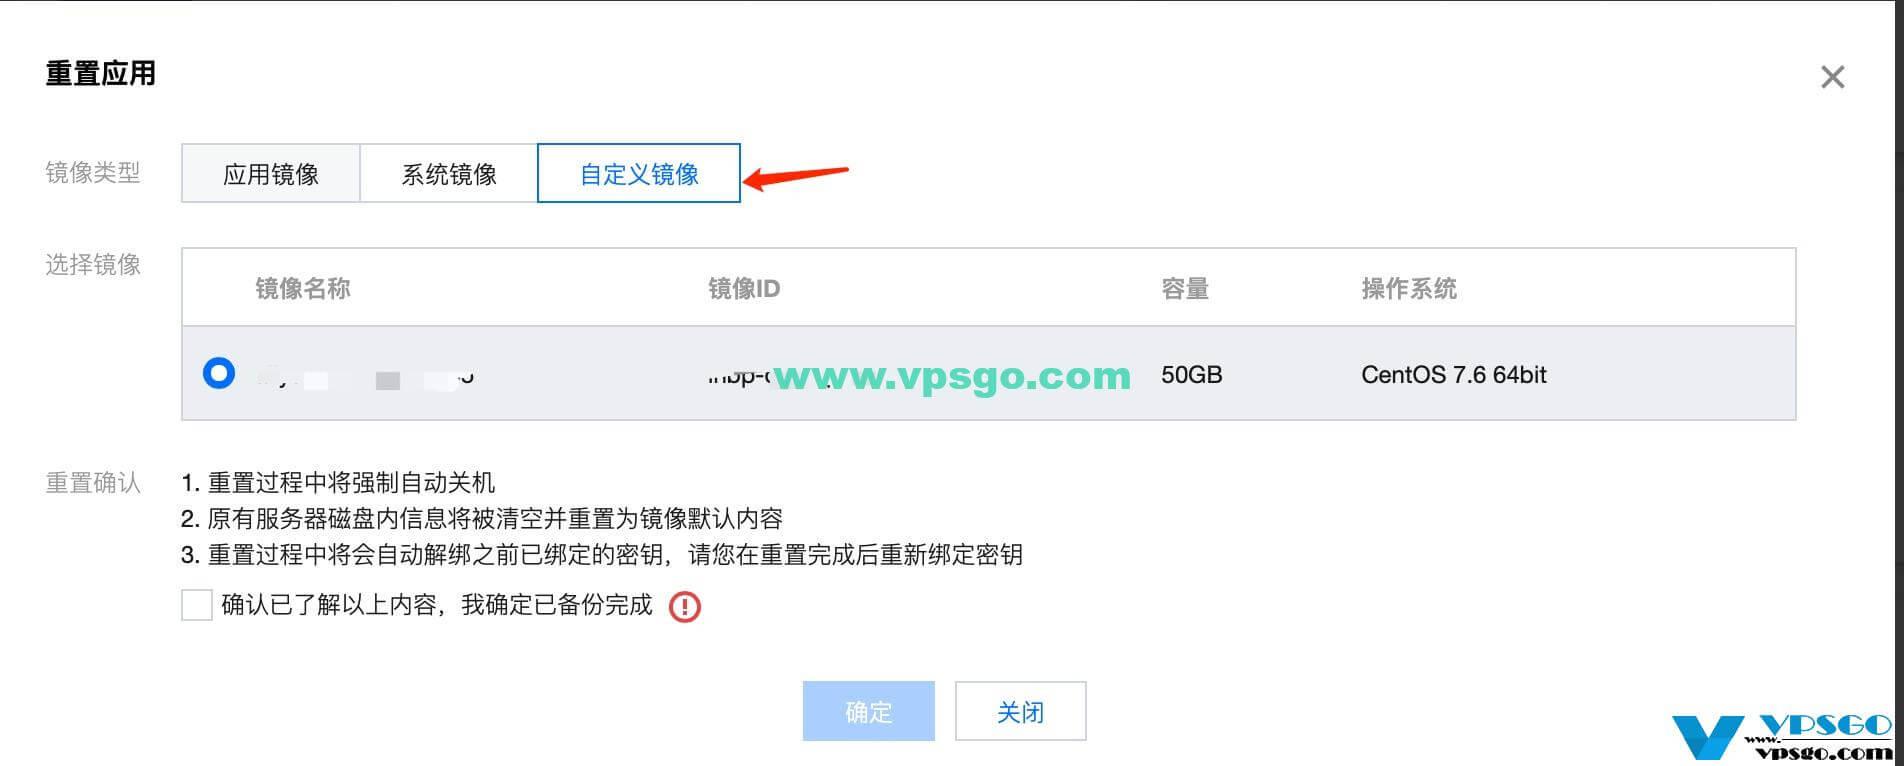 腾讯云轻量应用服务器IP被封堵快速解封